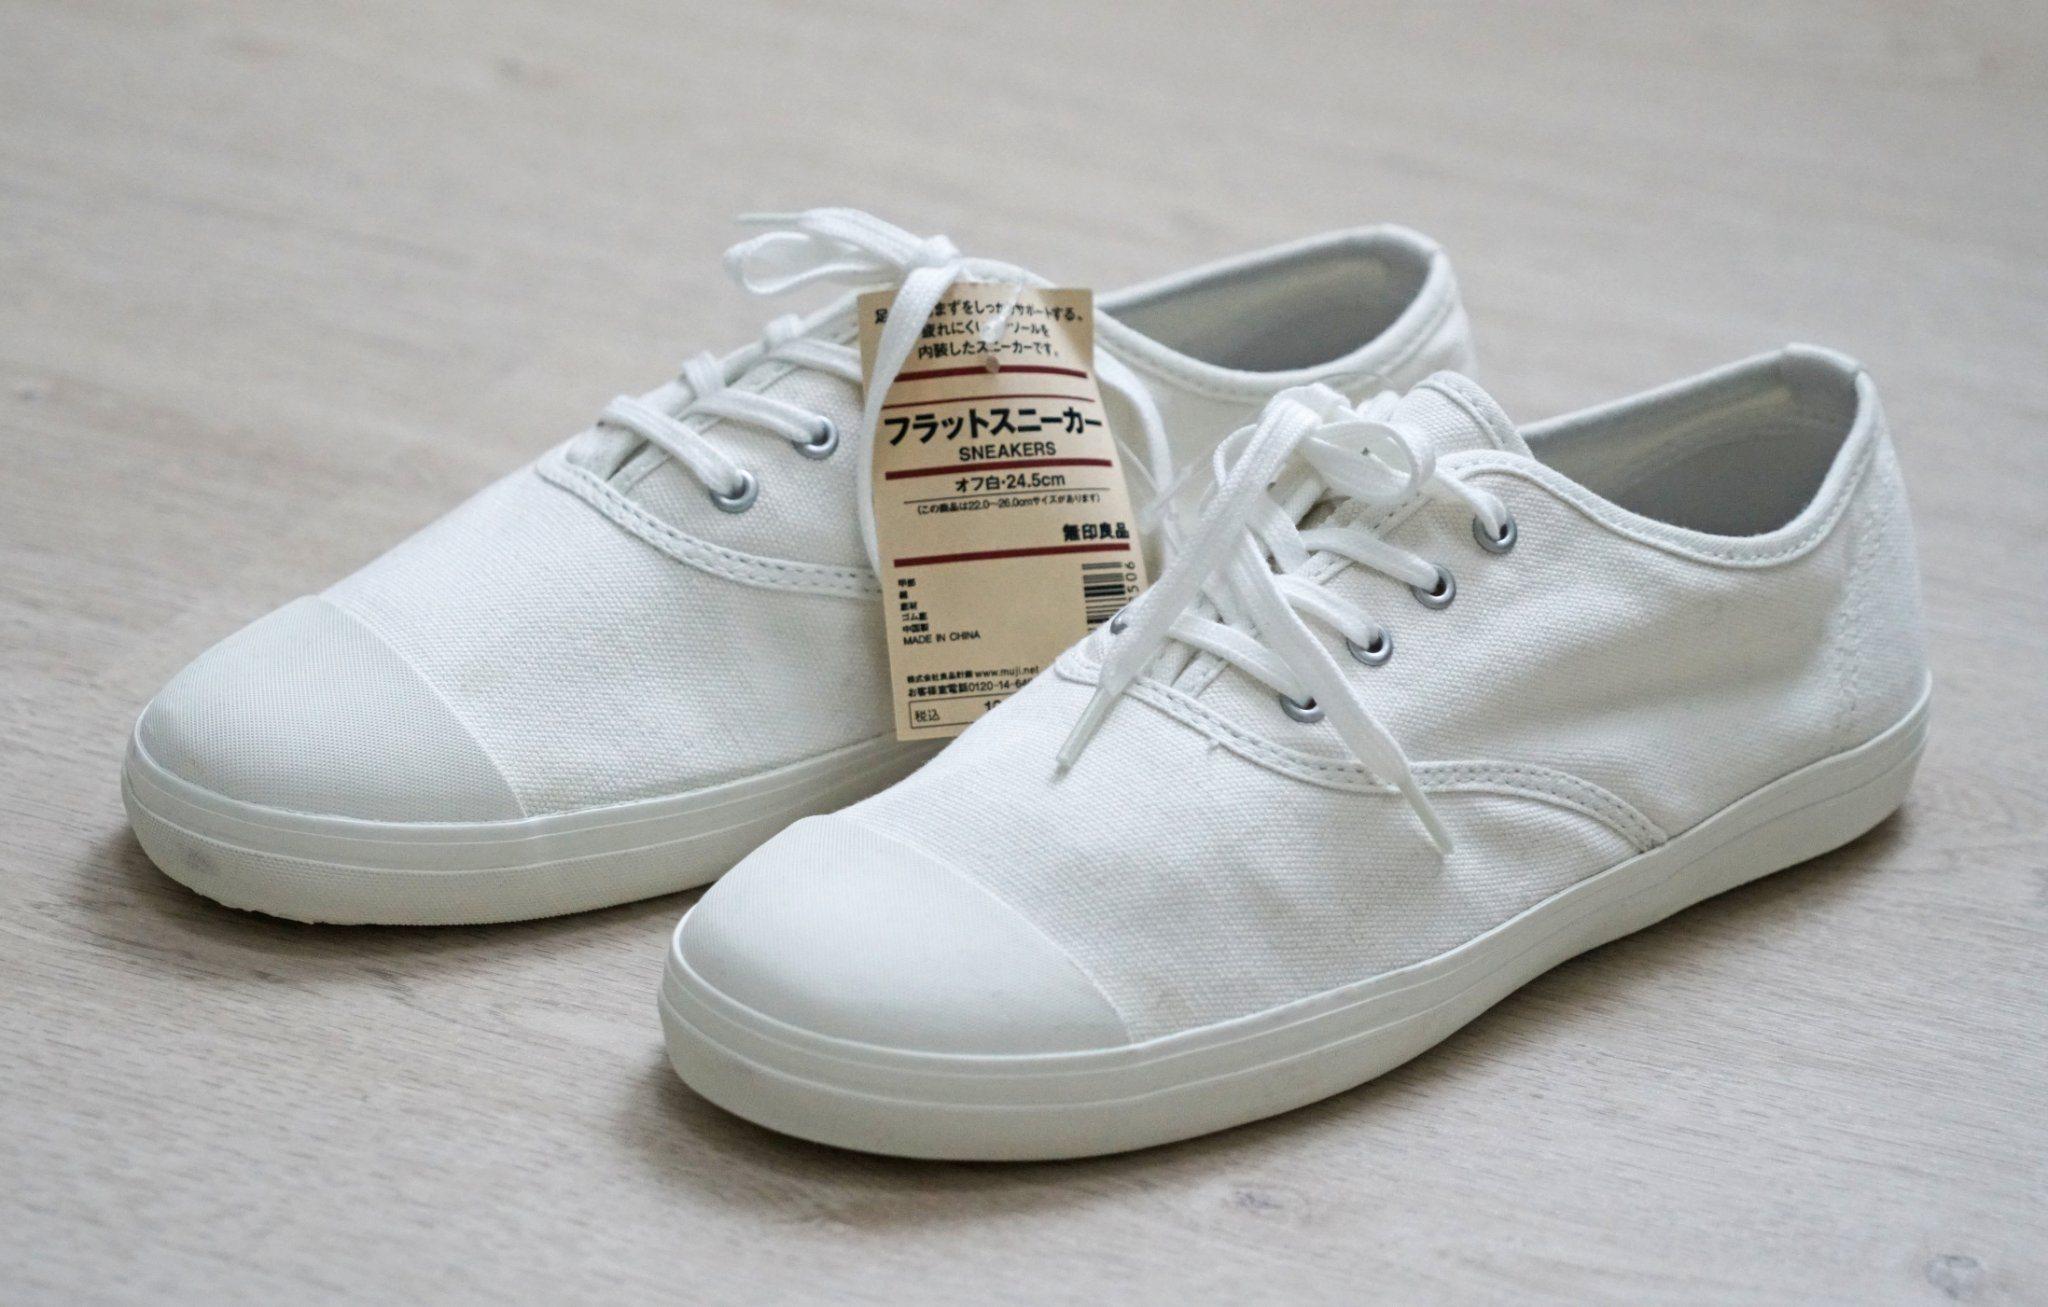 95f3dfbee2c MUJI tygsneakers, sneakers, skor, vårskor, sneaker, japanska MUJI NYA &  OANVÄNDA ...